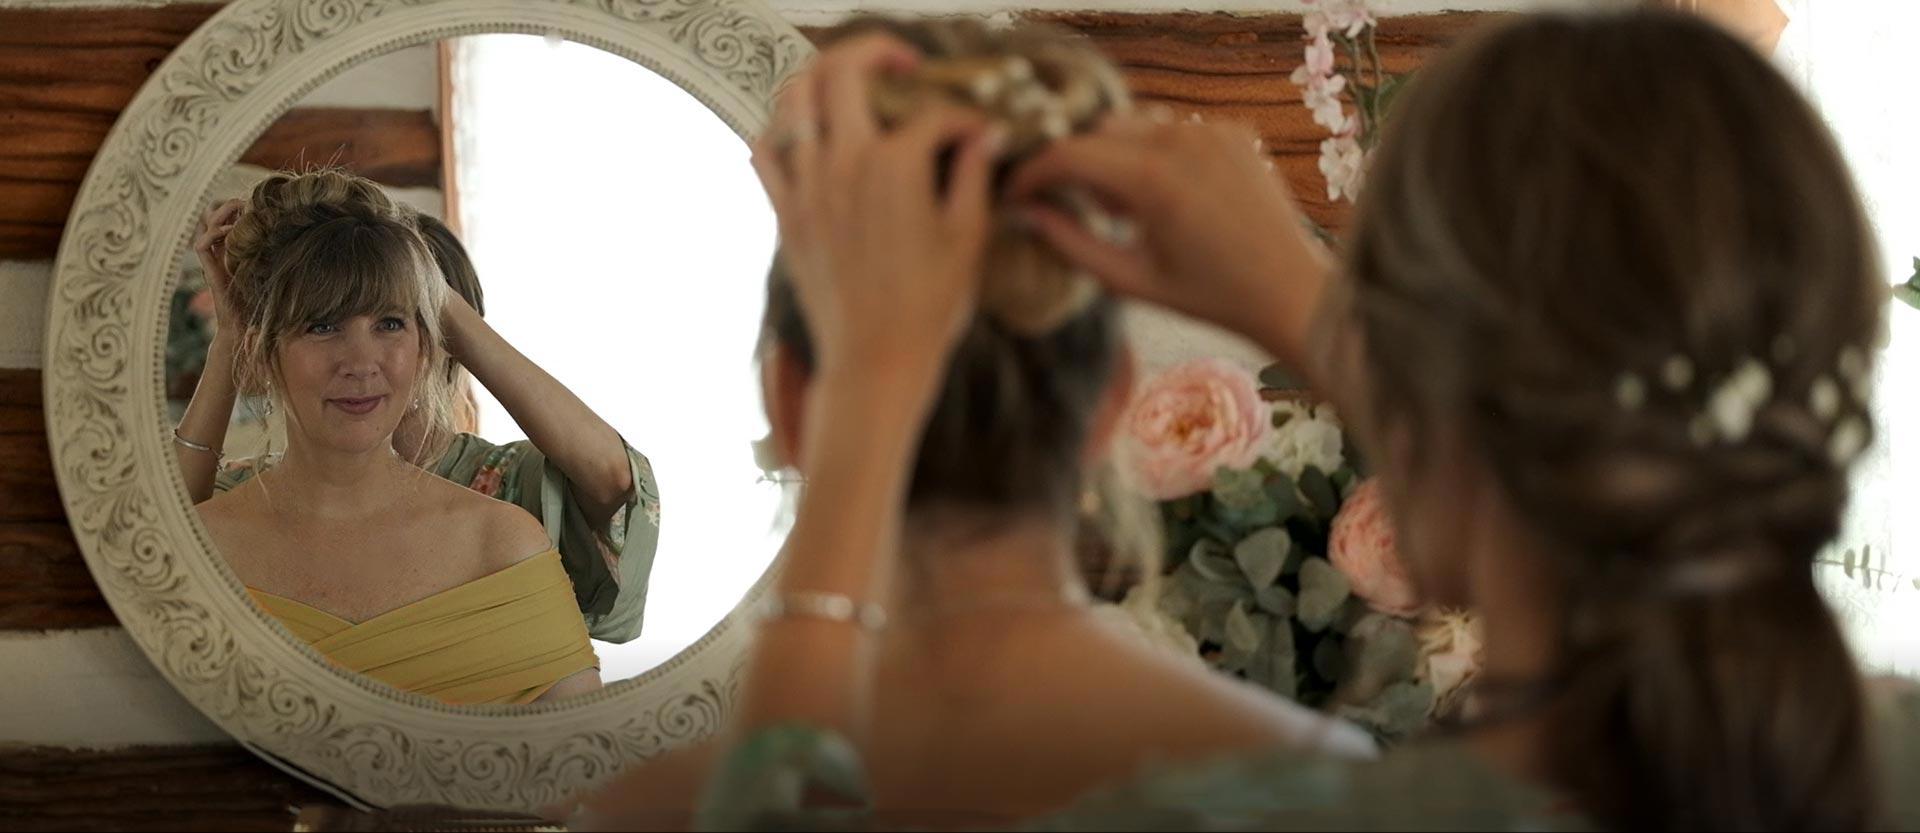 Karen Mirror